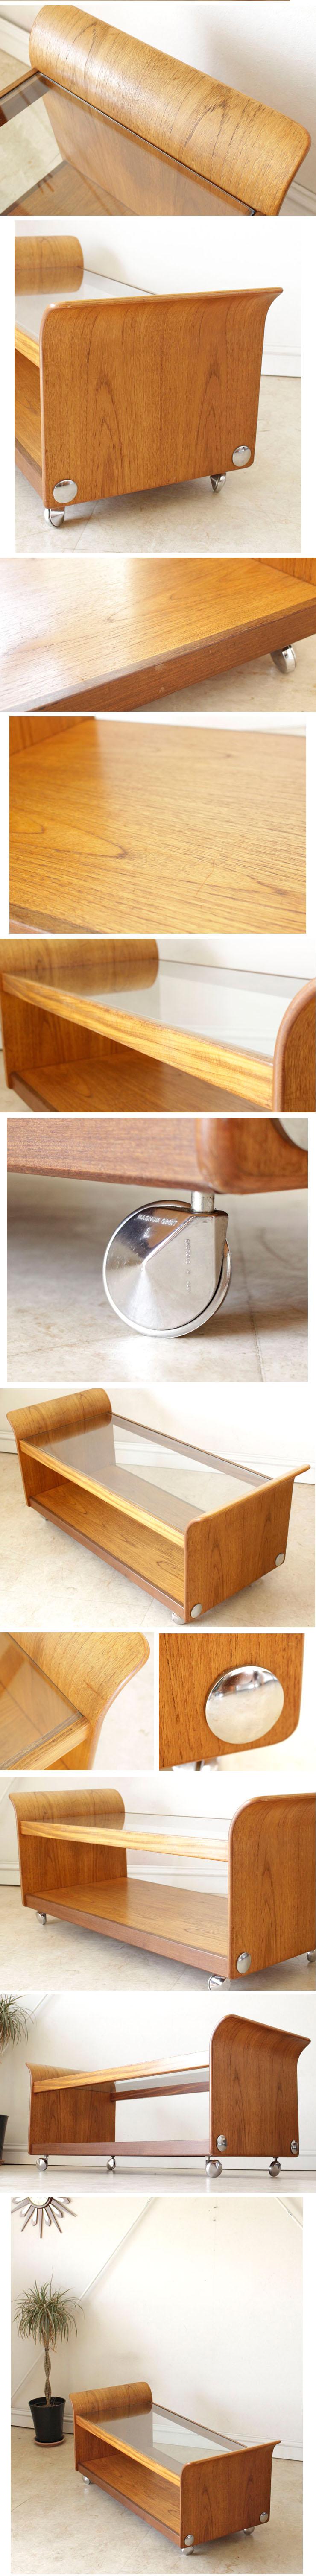 ジープラン・G-plan・ビンテージ・コーヒーテーブル・ガラス・センターテーブル・チーク・アンティーク